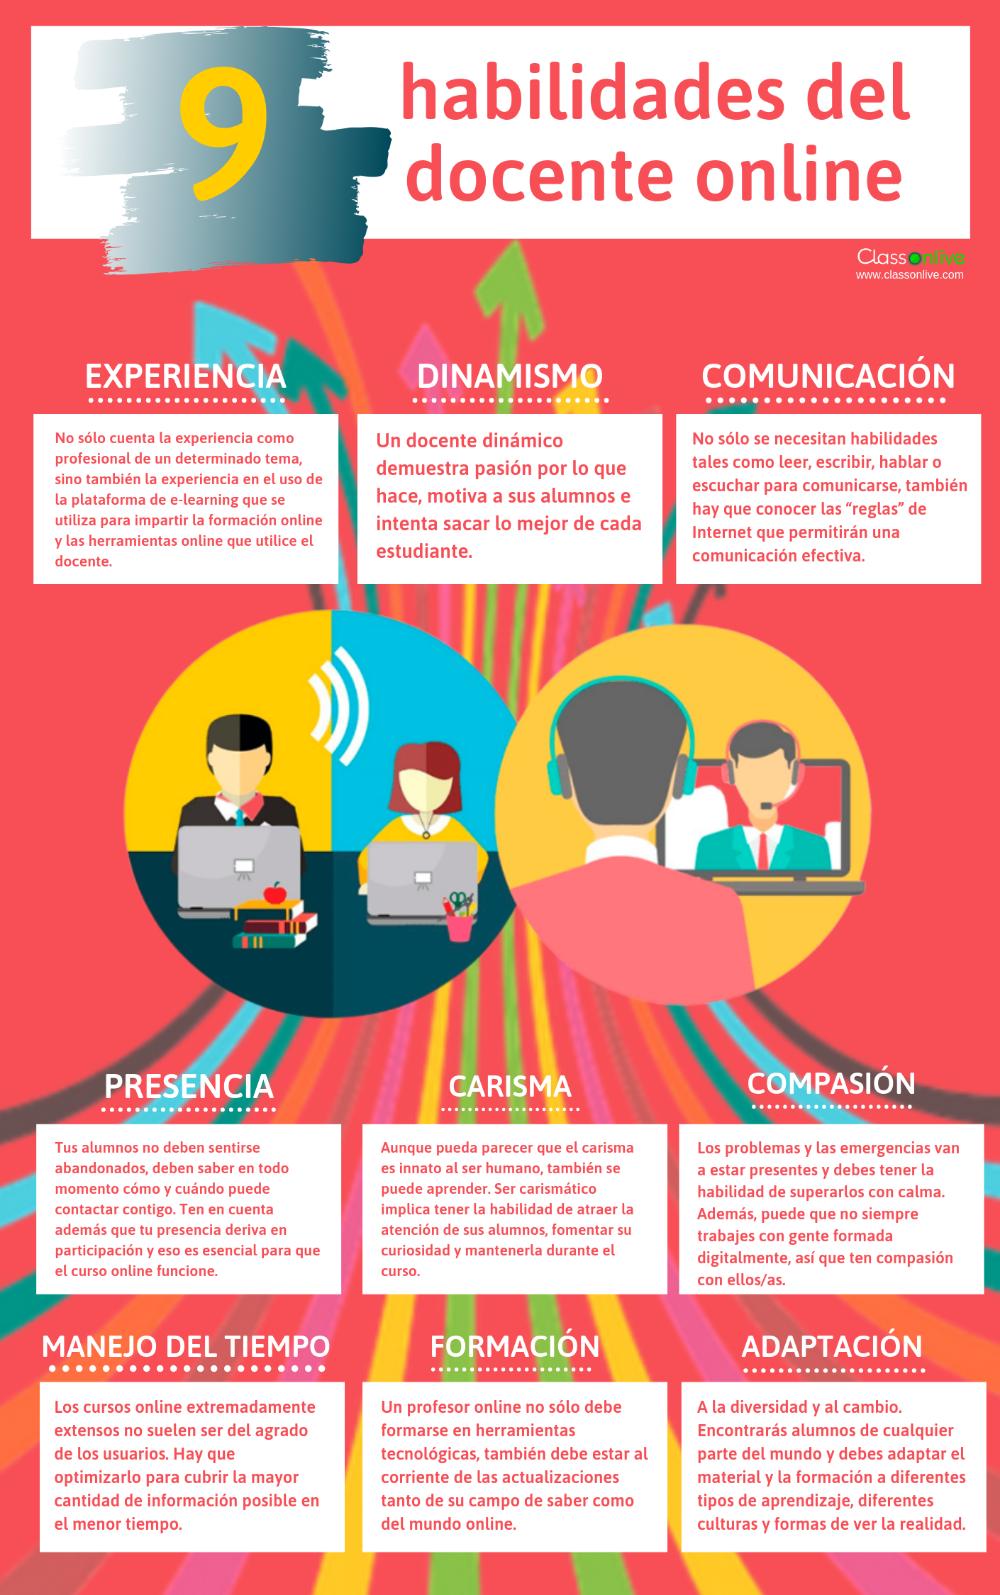 9 Habilidades Del Docente Online Classonlive Tecnicas De Enseñanza Aprendizaje Tecnicas De Enseñanza Estrategias De Enseñanza Aprendizaje